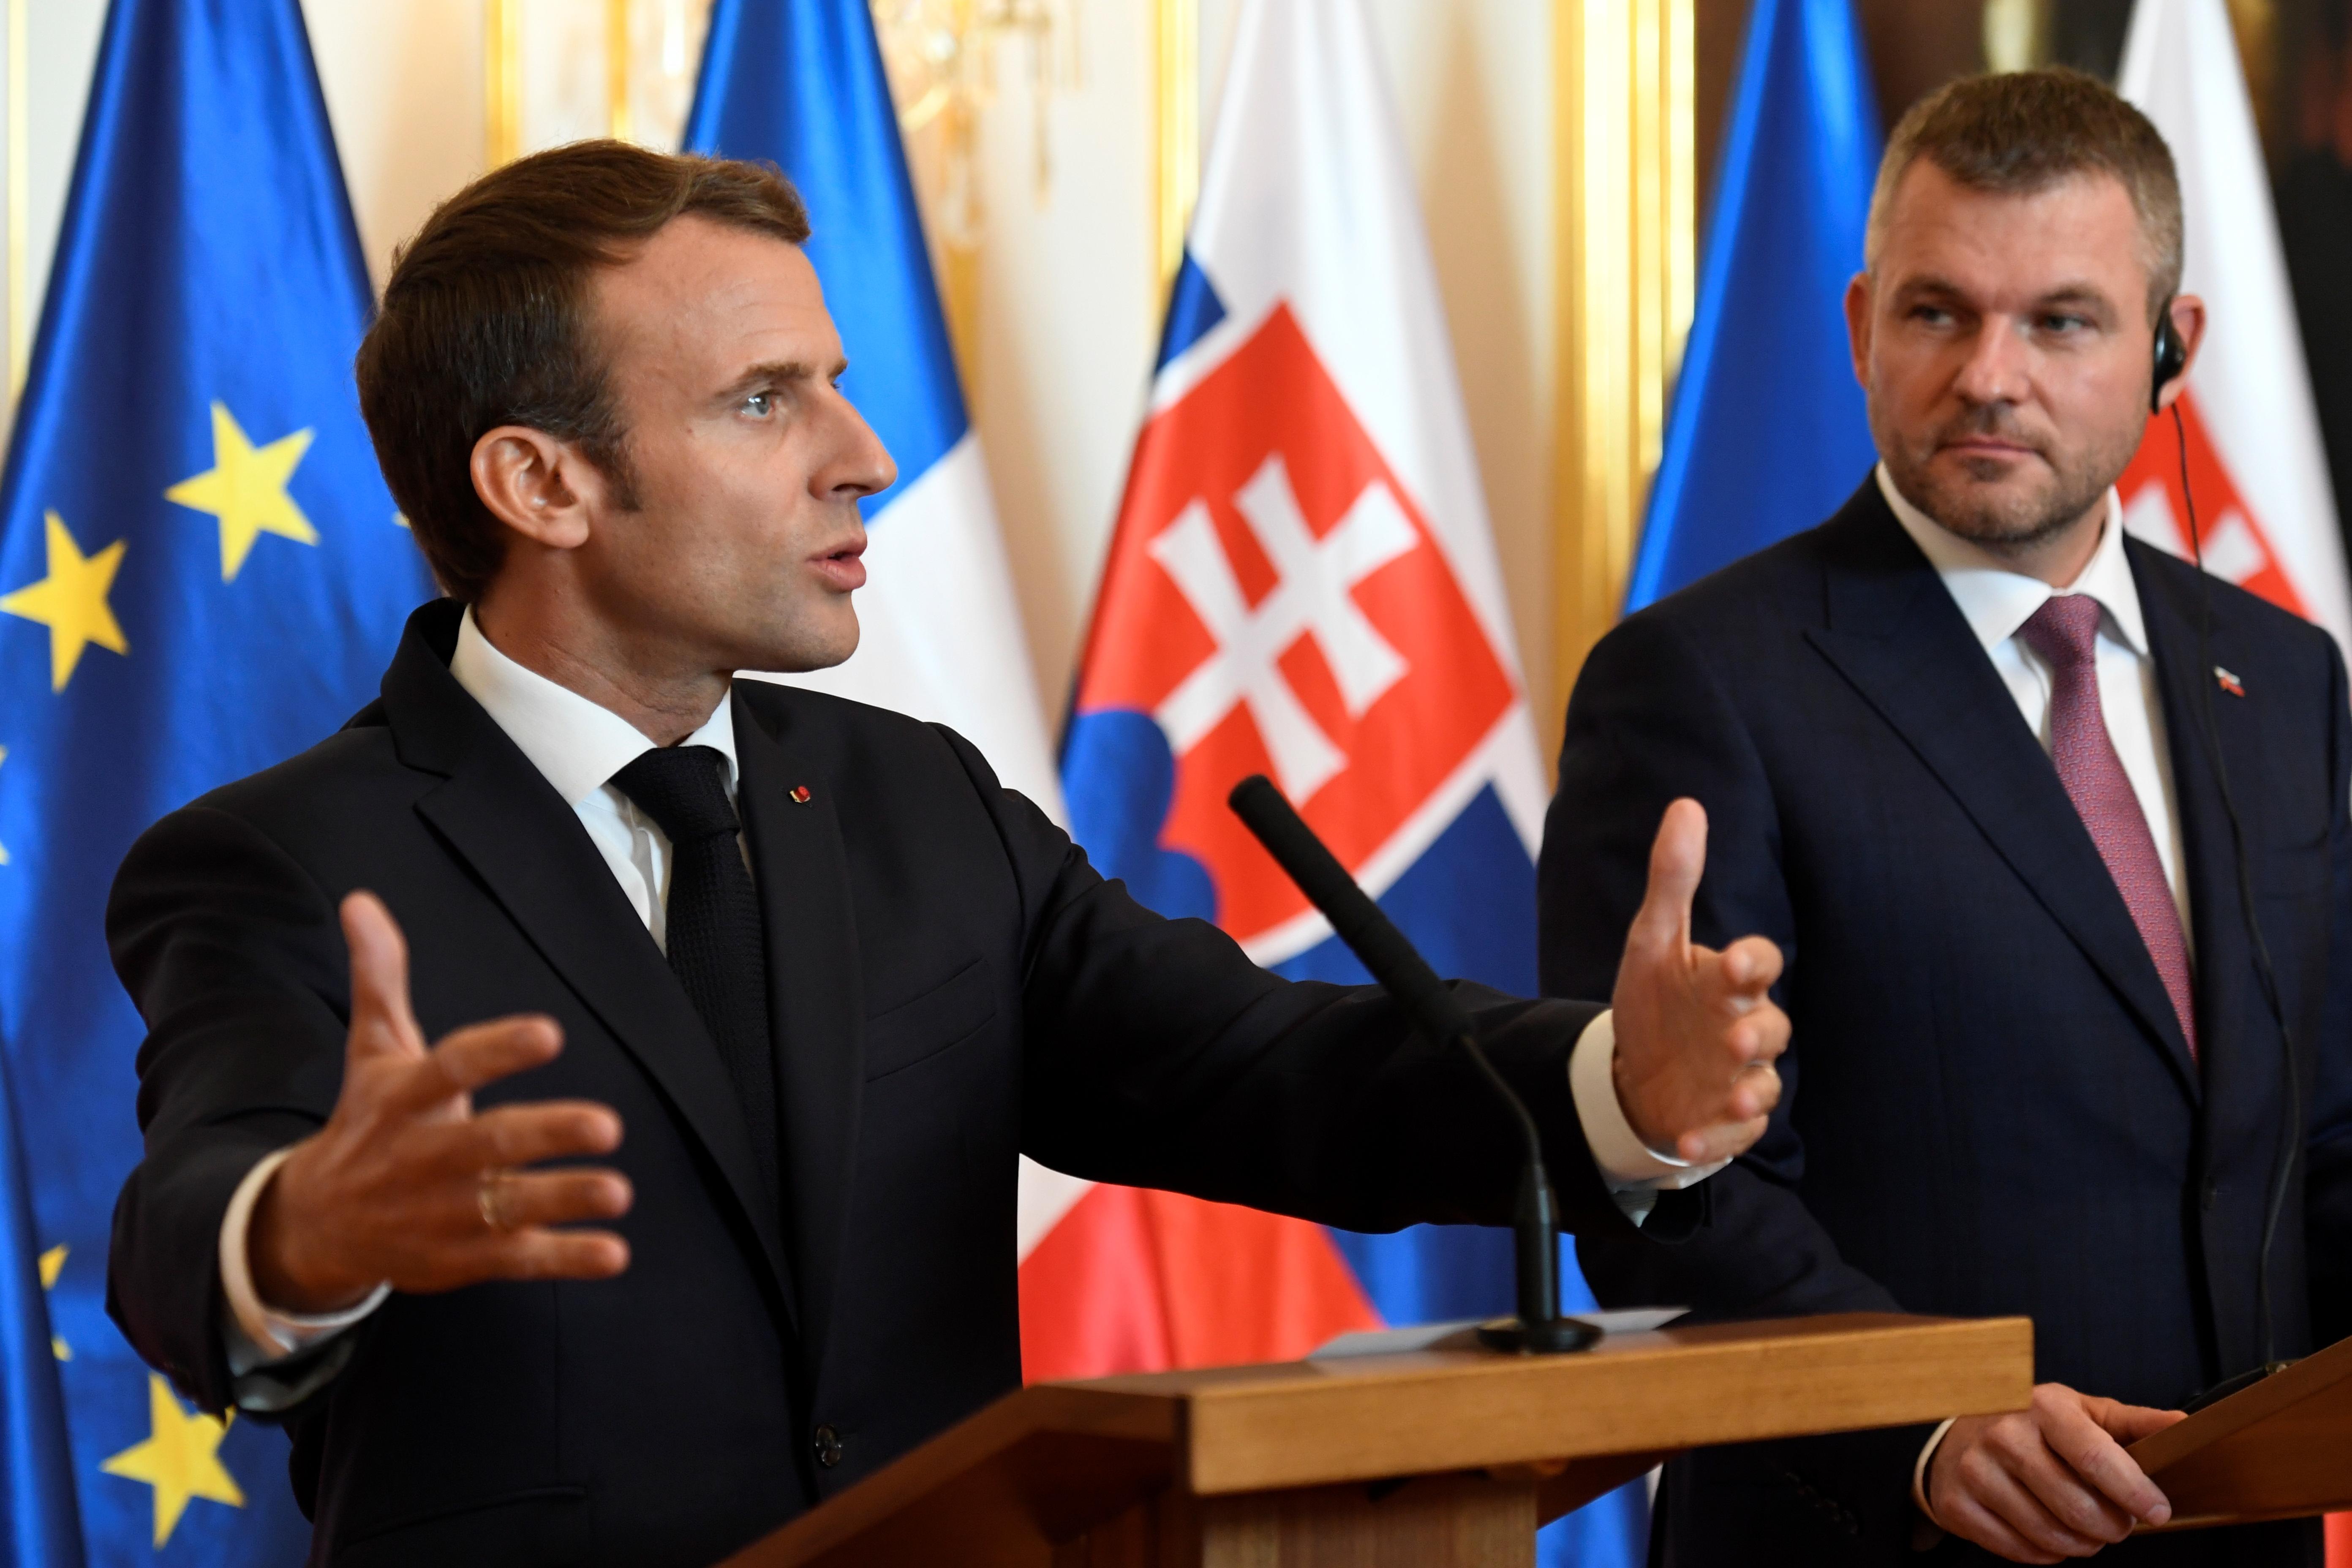 Macron a CEU-ról is beszélt szlovákiai látogatásán